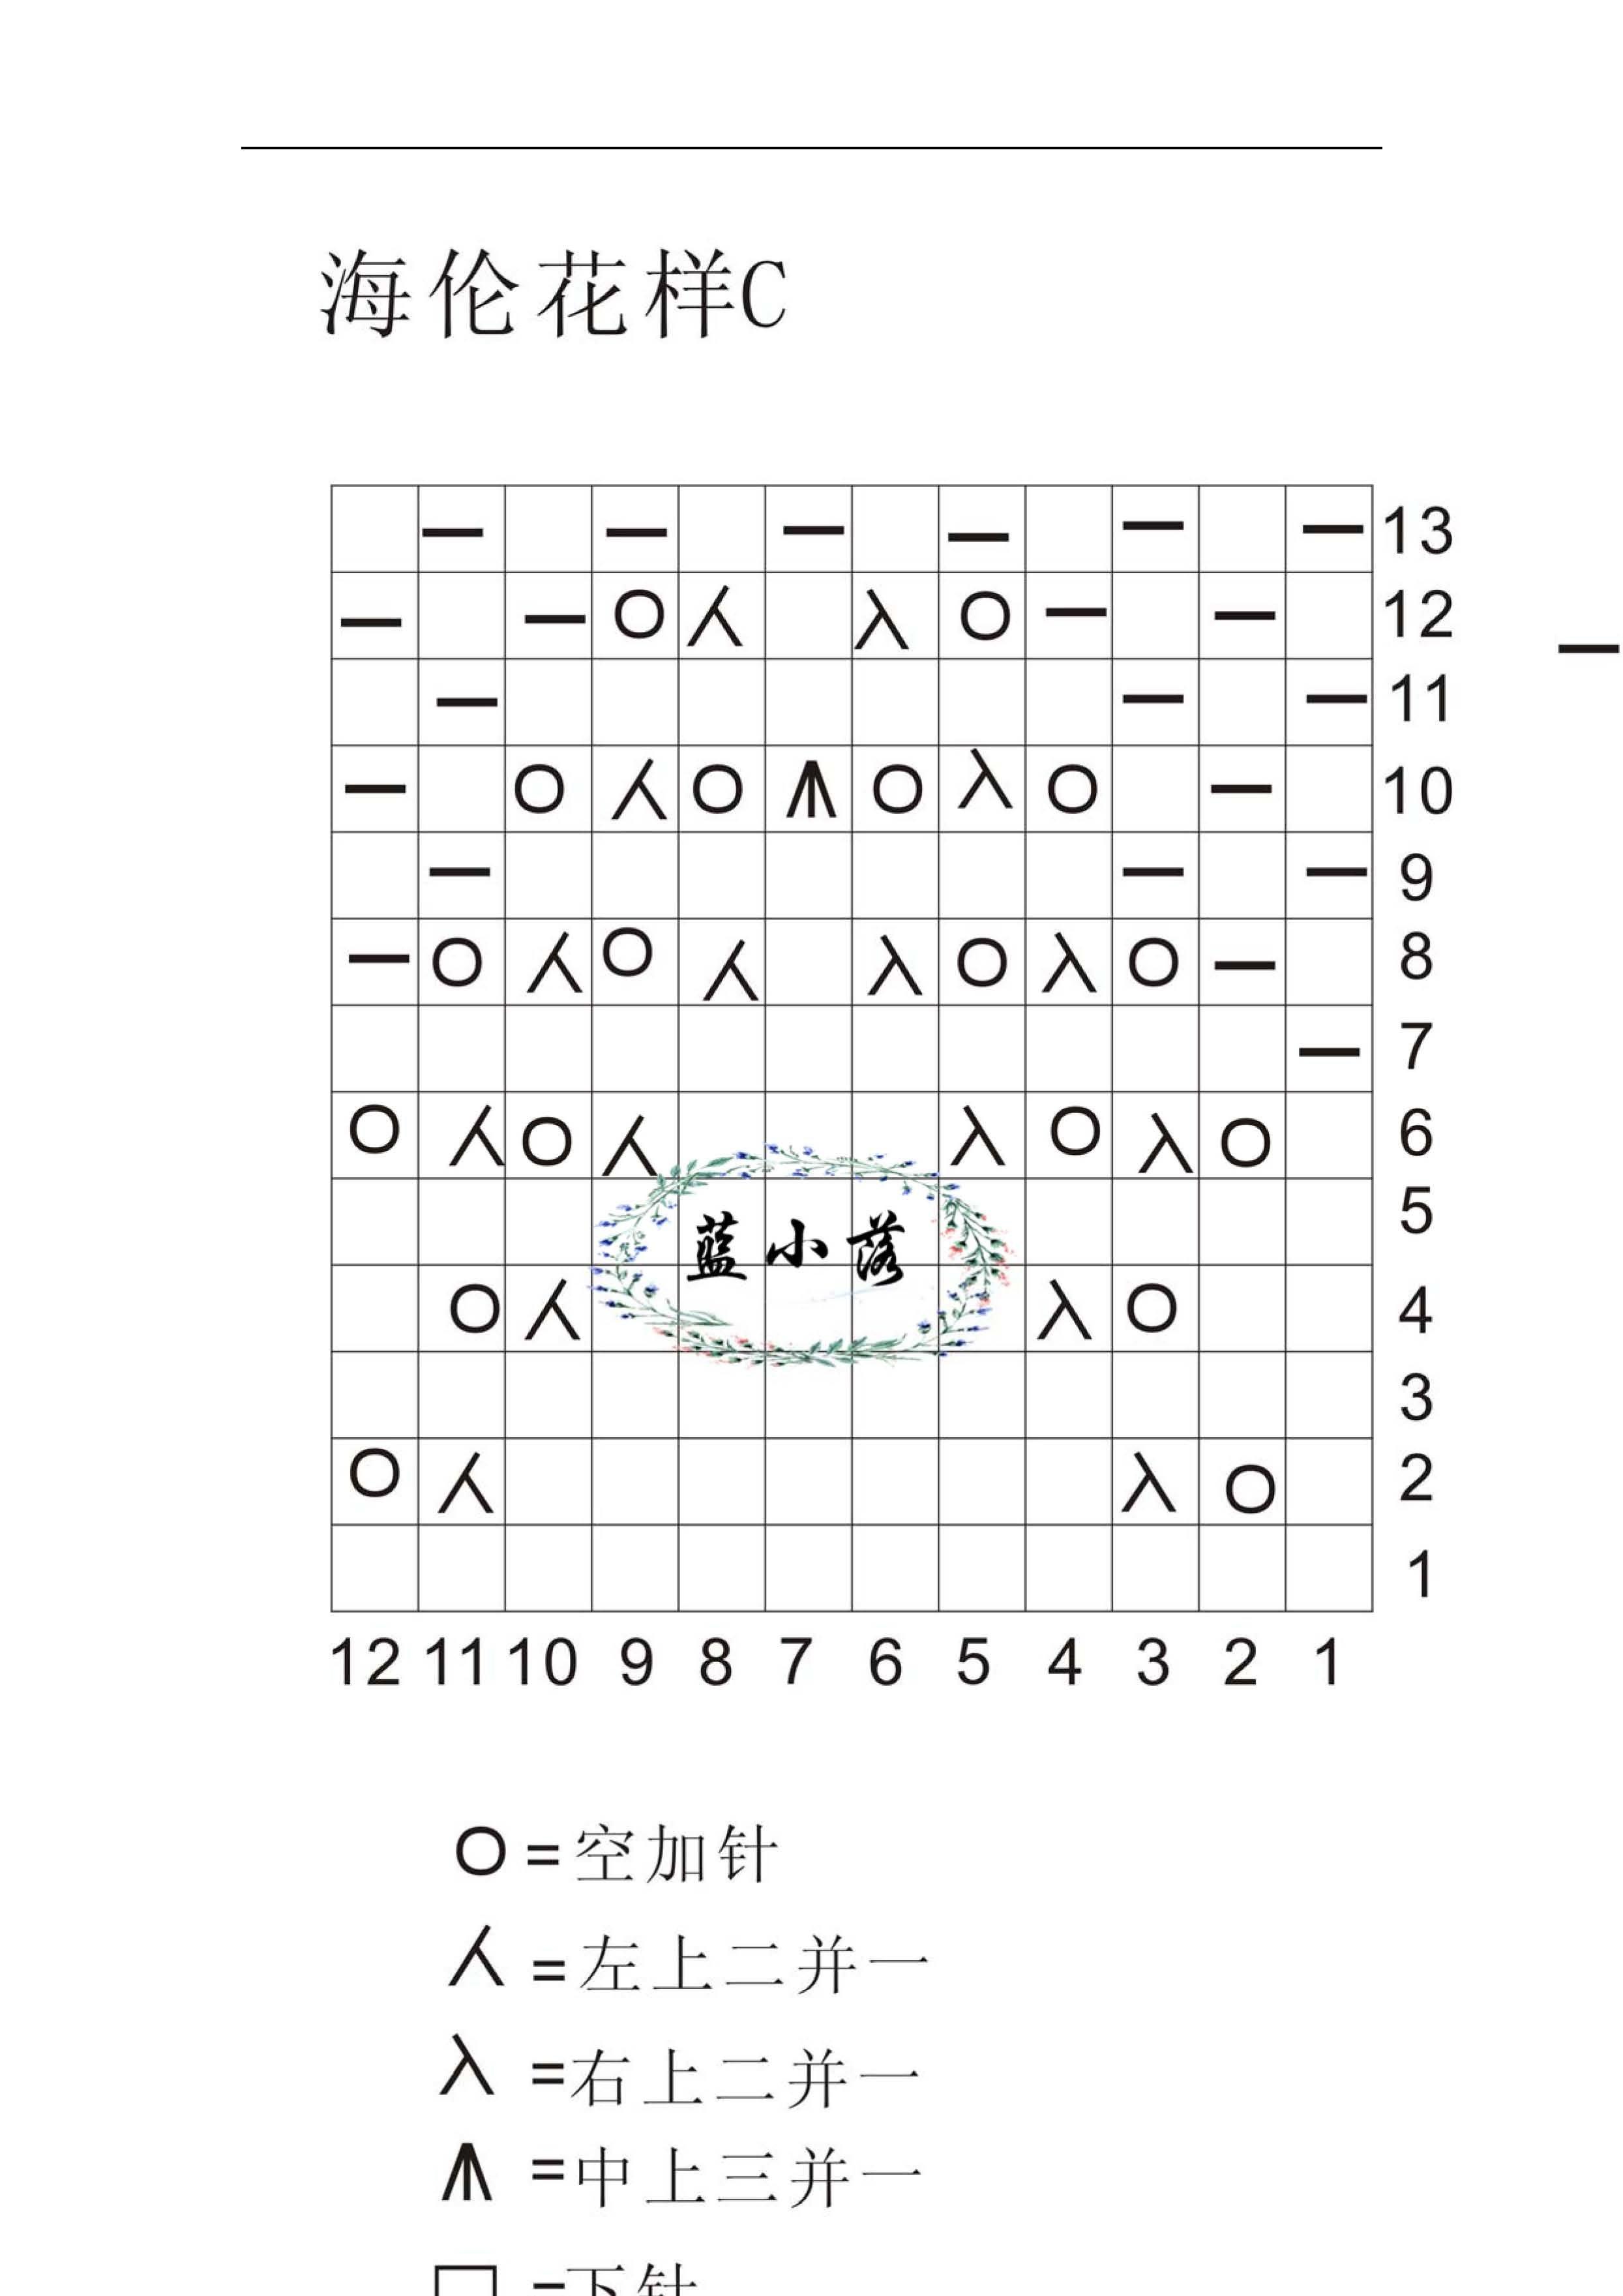 162538dqqnugieqnsquq6x.jpg